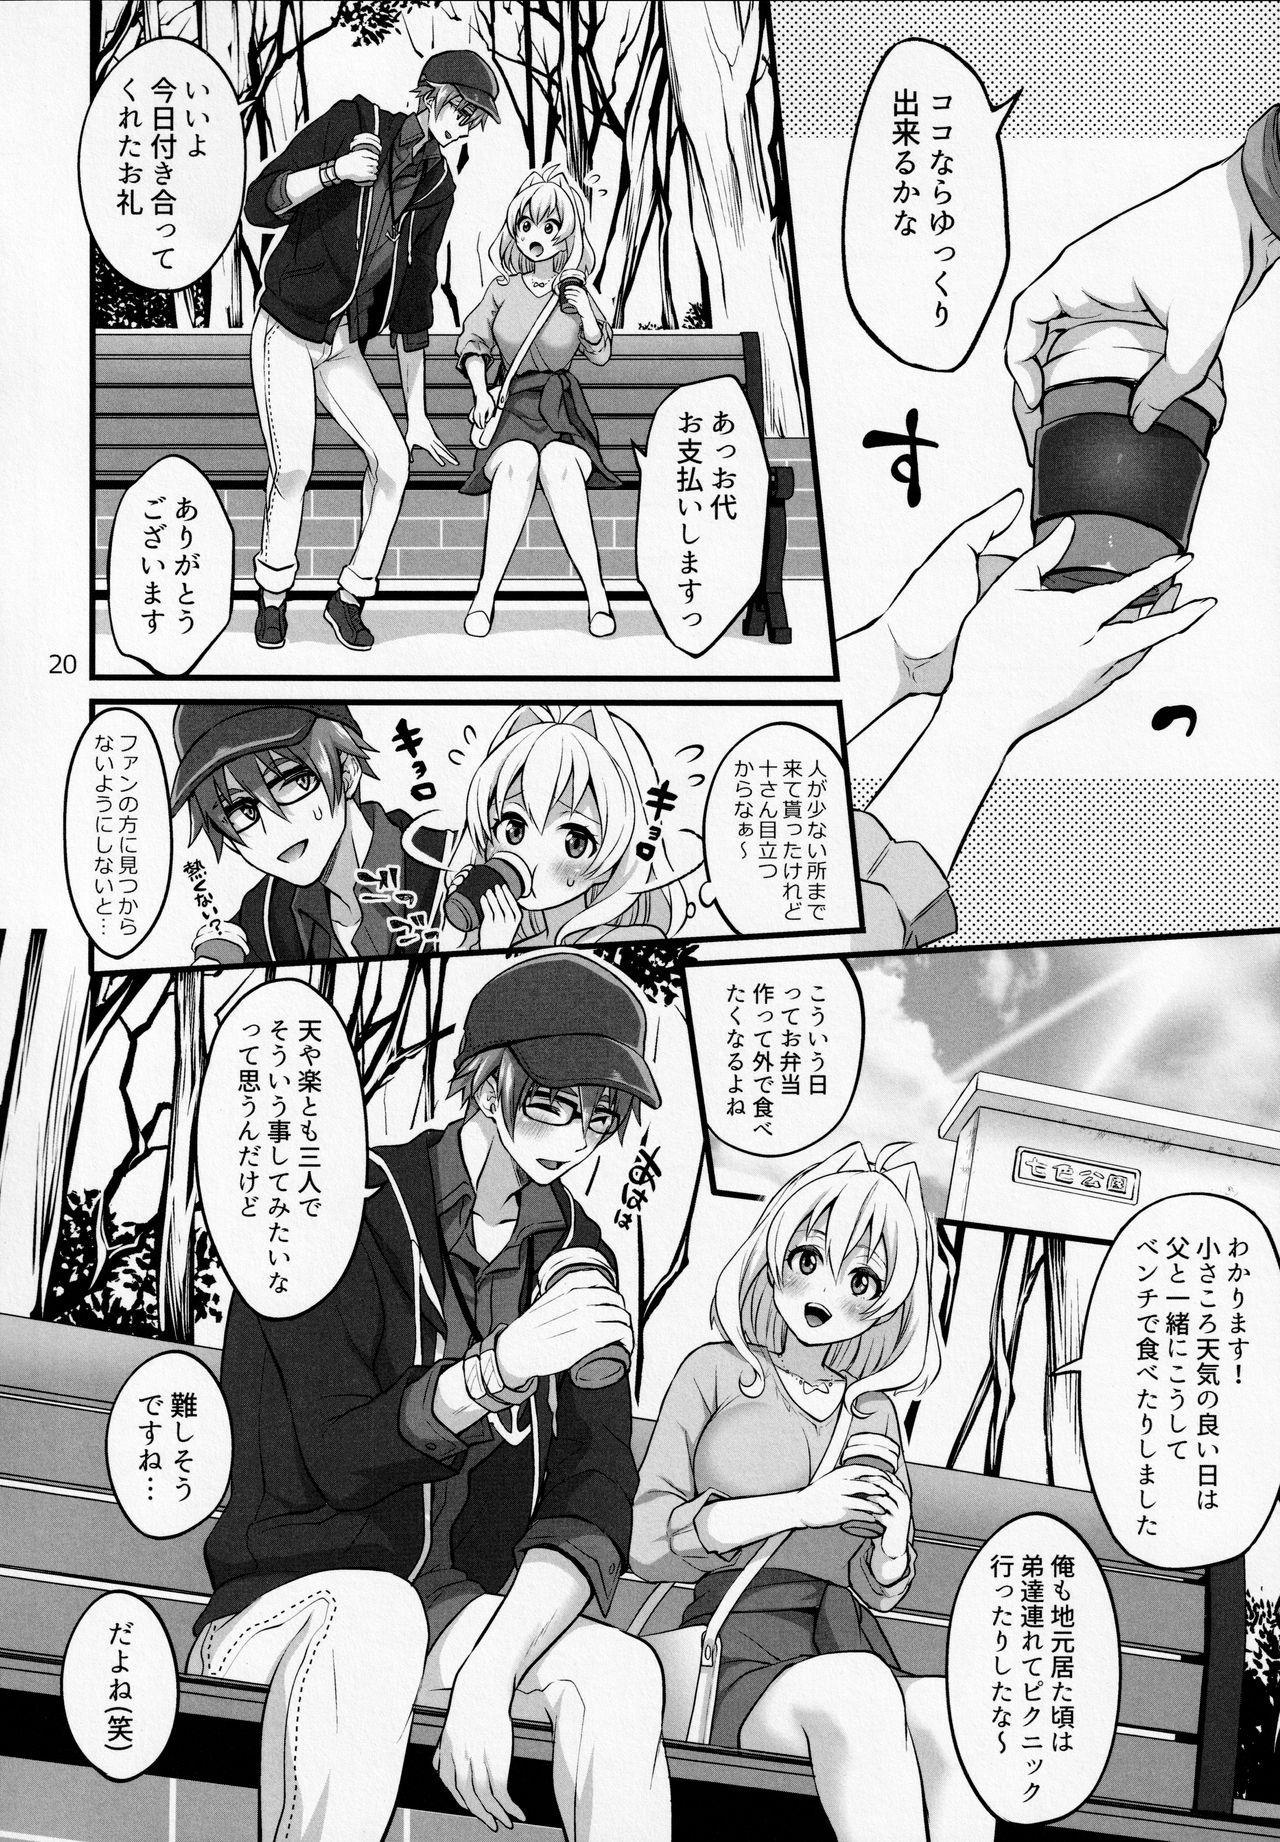 Futanari ni Natte Shimatta Taji Musho Manager no Watashi ga Eroerobiisuto de Wadai no Idol Tsunashi Ryu○suke-san to Himitsu no Shitagi Toreido 18